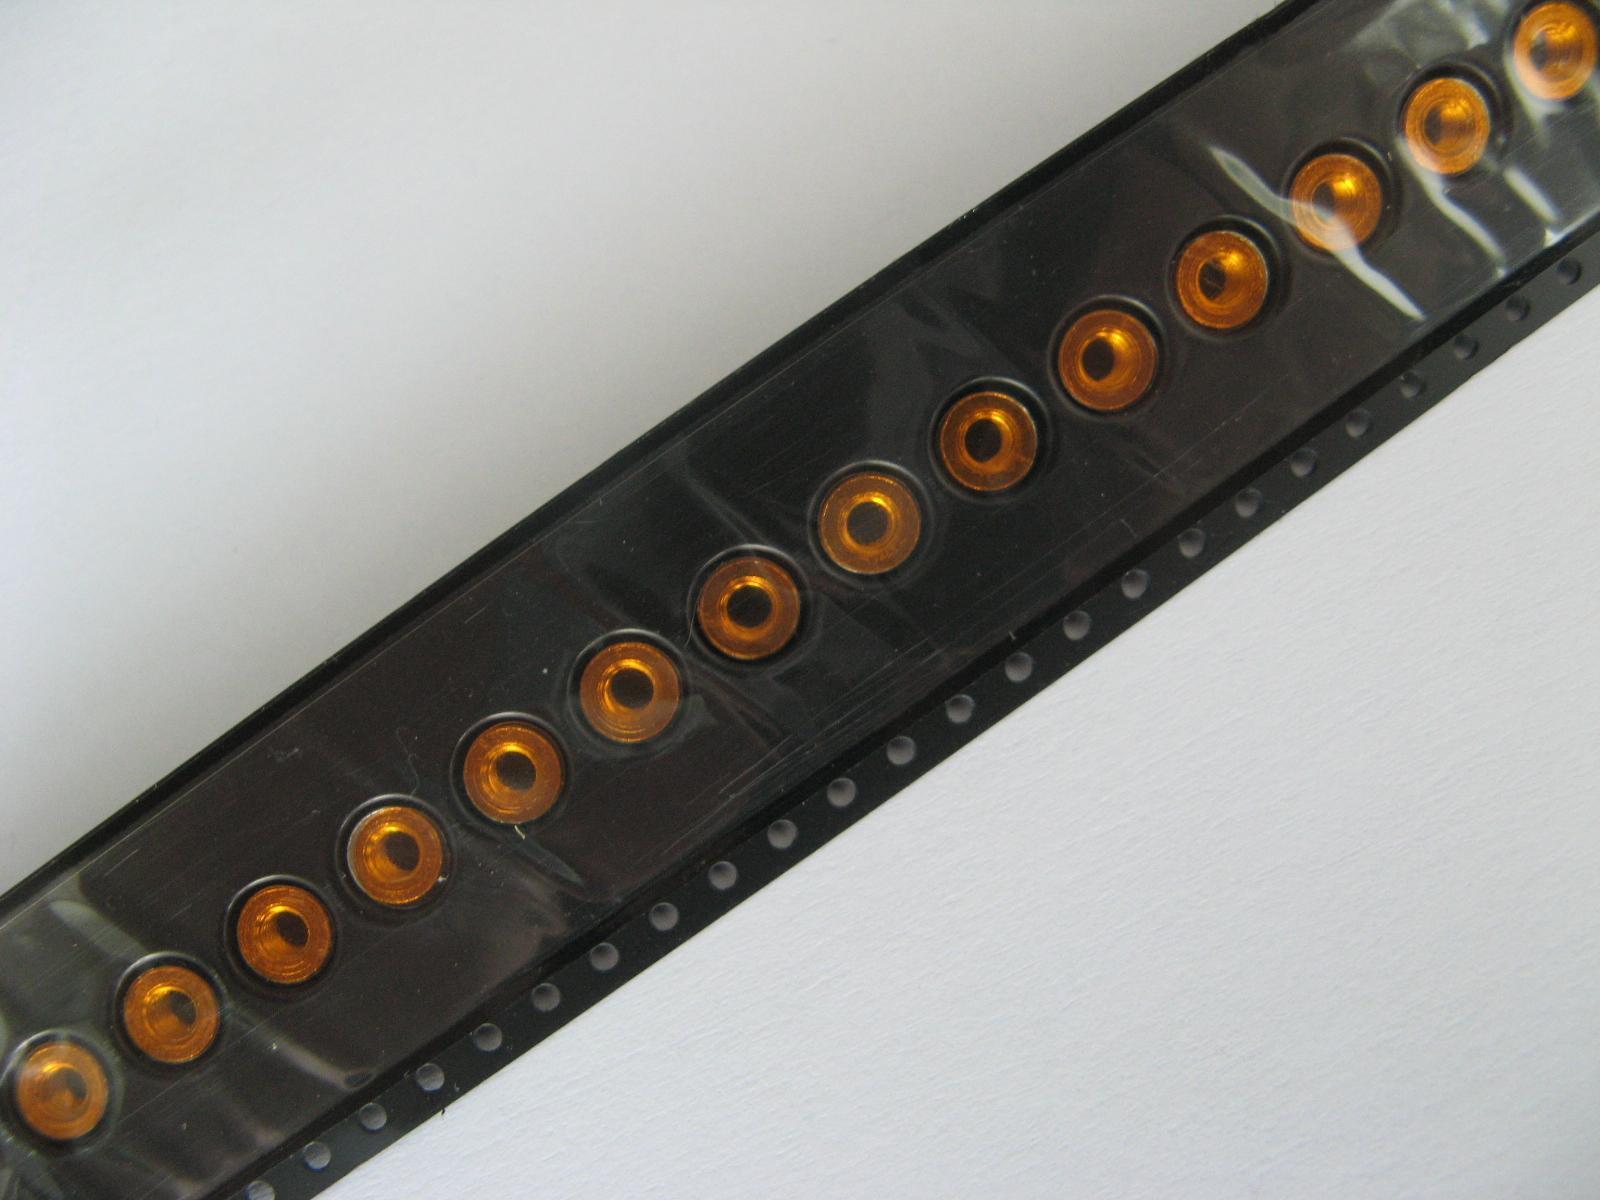 PCB/ Smtso/Kf2/Kfe/Kfb3/Kfh Fasteners